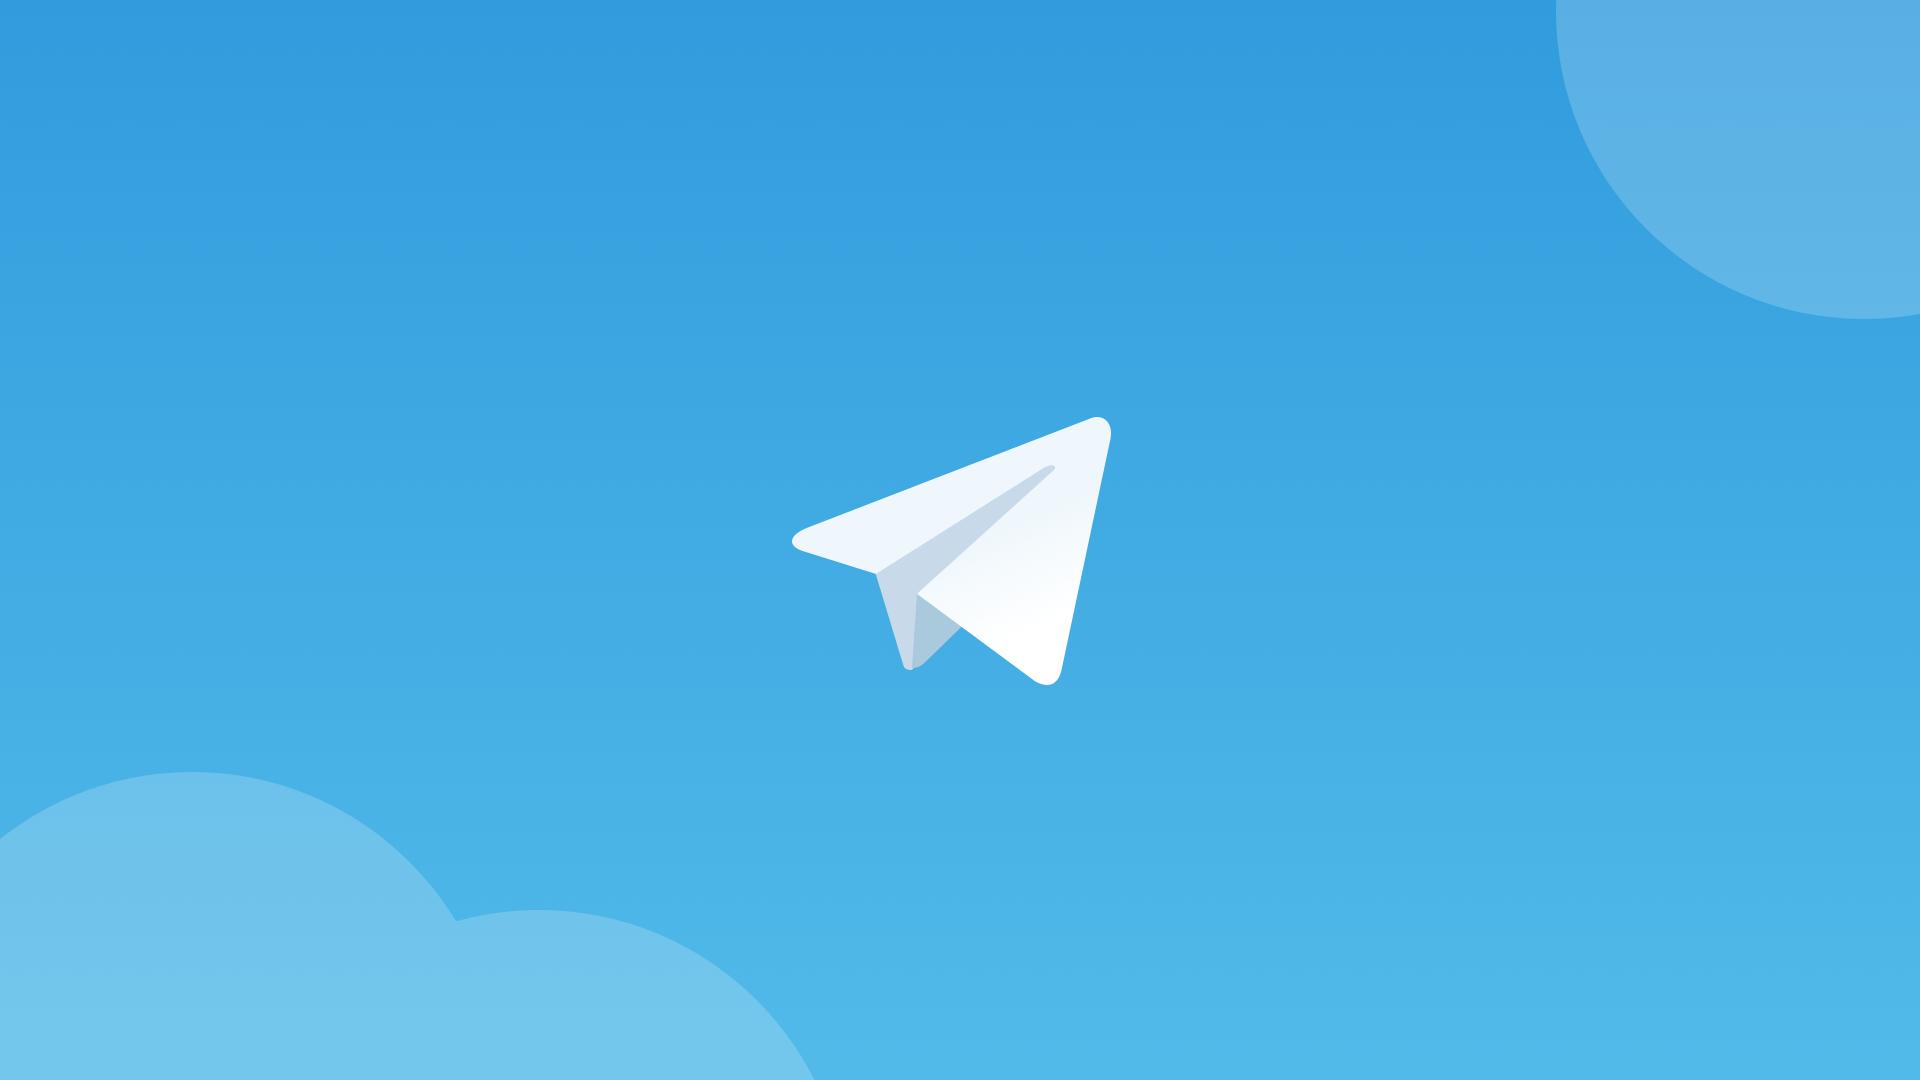 В Телеграмме появится новая опция, связанная с прямыми продажами товаров